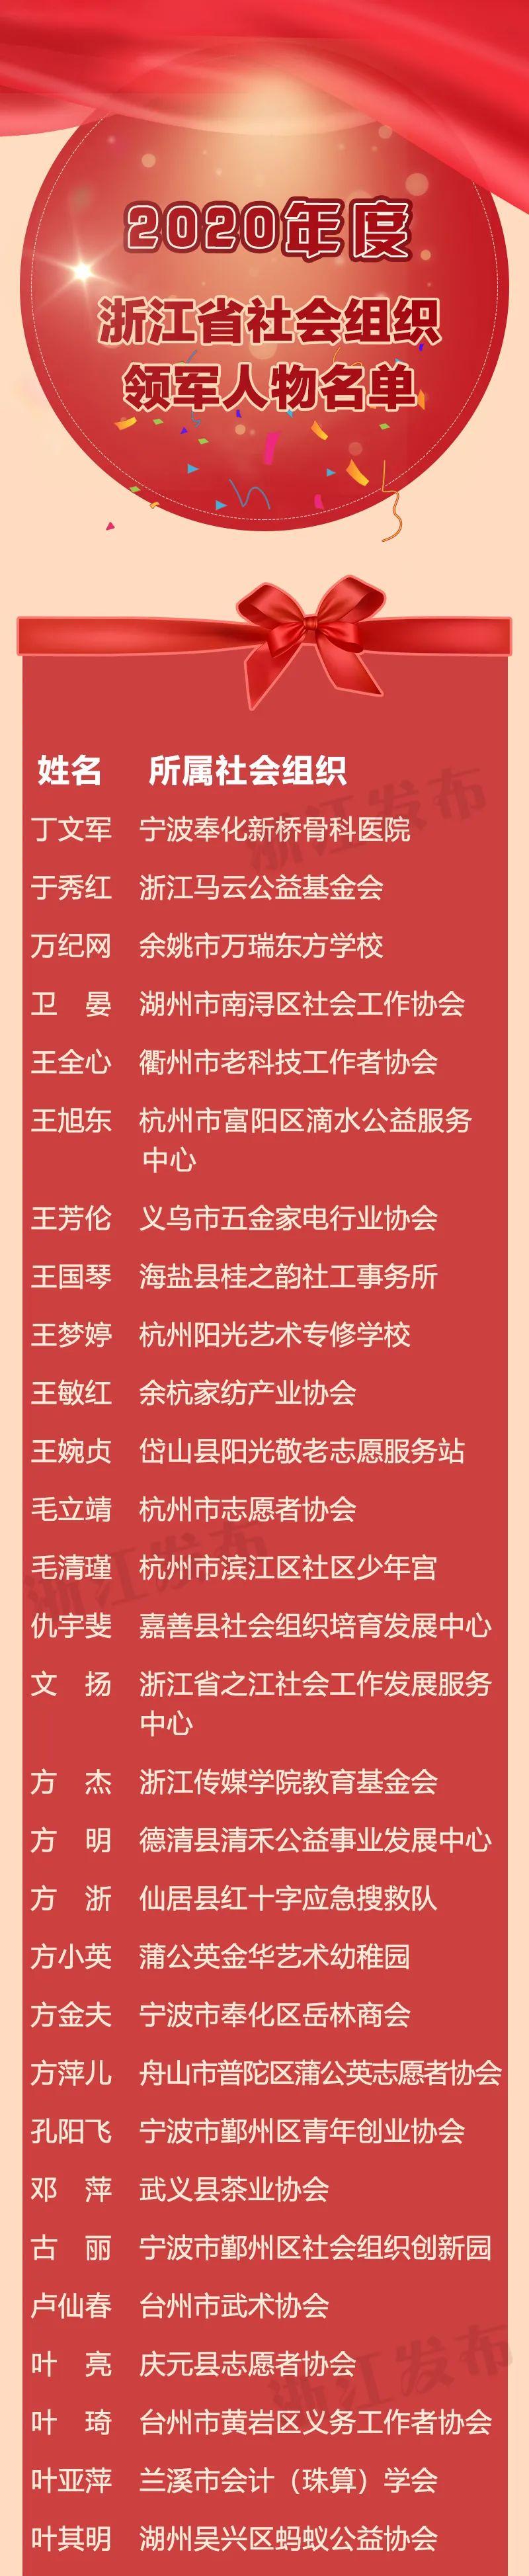 200名!2020年度浙江省社会组织领军人物出炉,有你熟悉的吗?图片